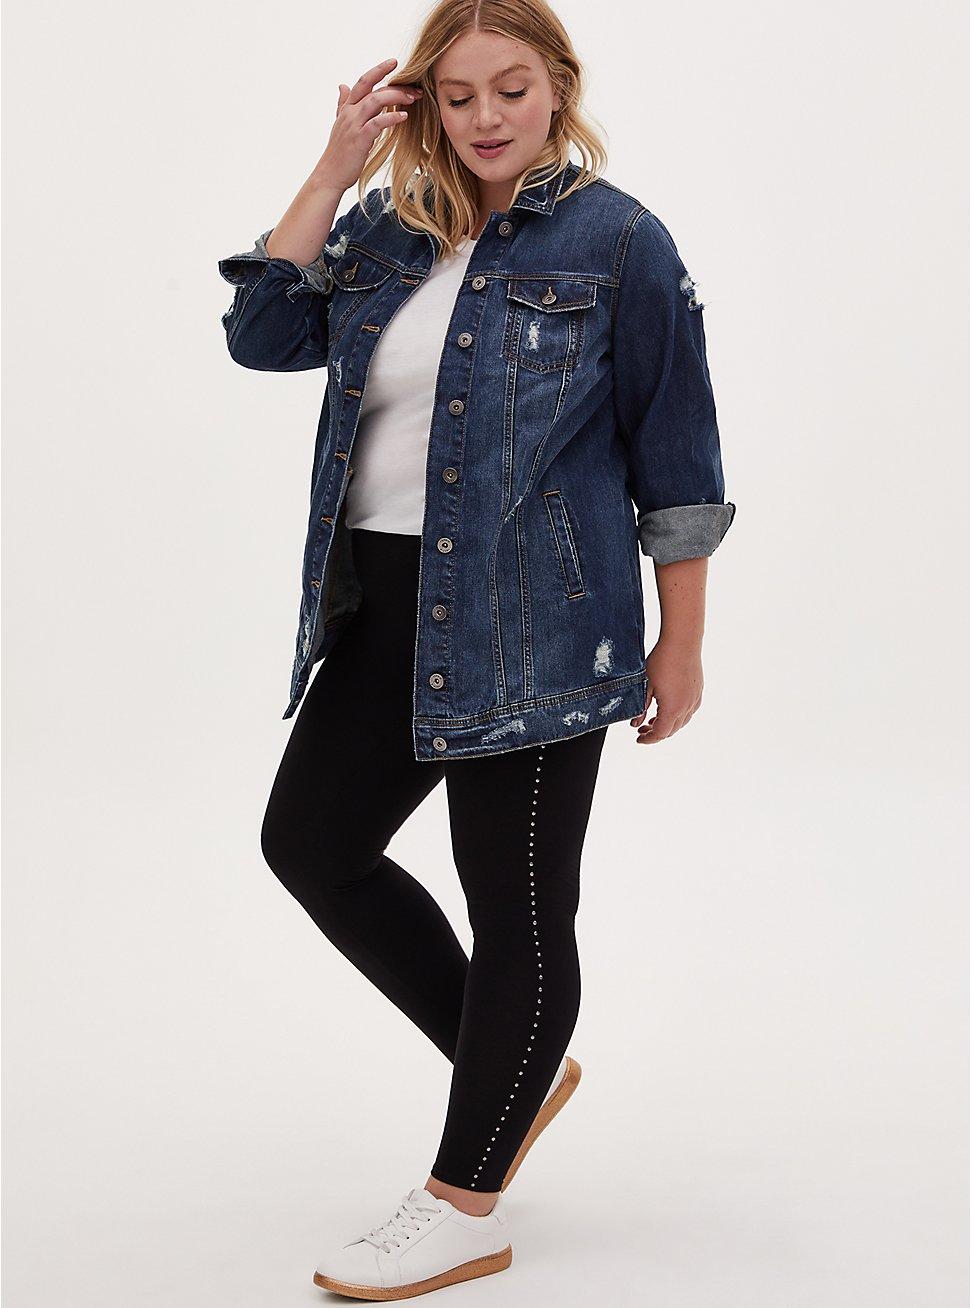 Premium Legging - Stripe Stud Black, BLACK, hi-res